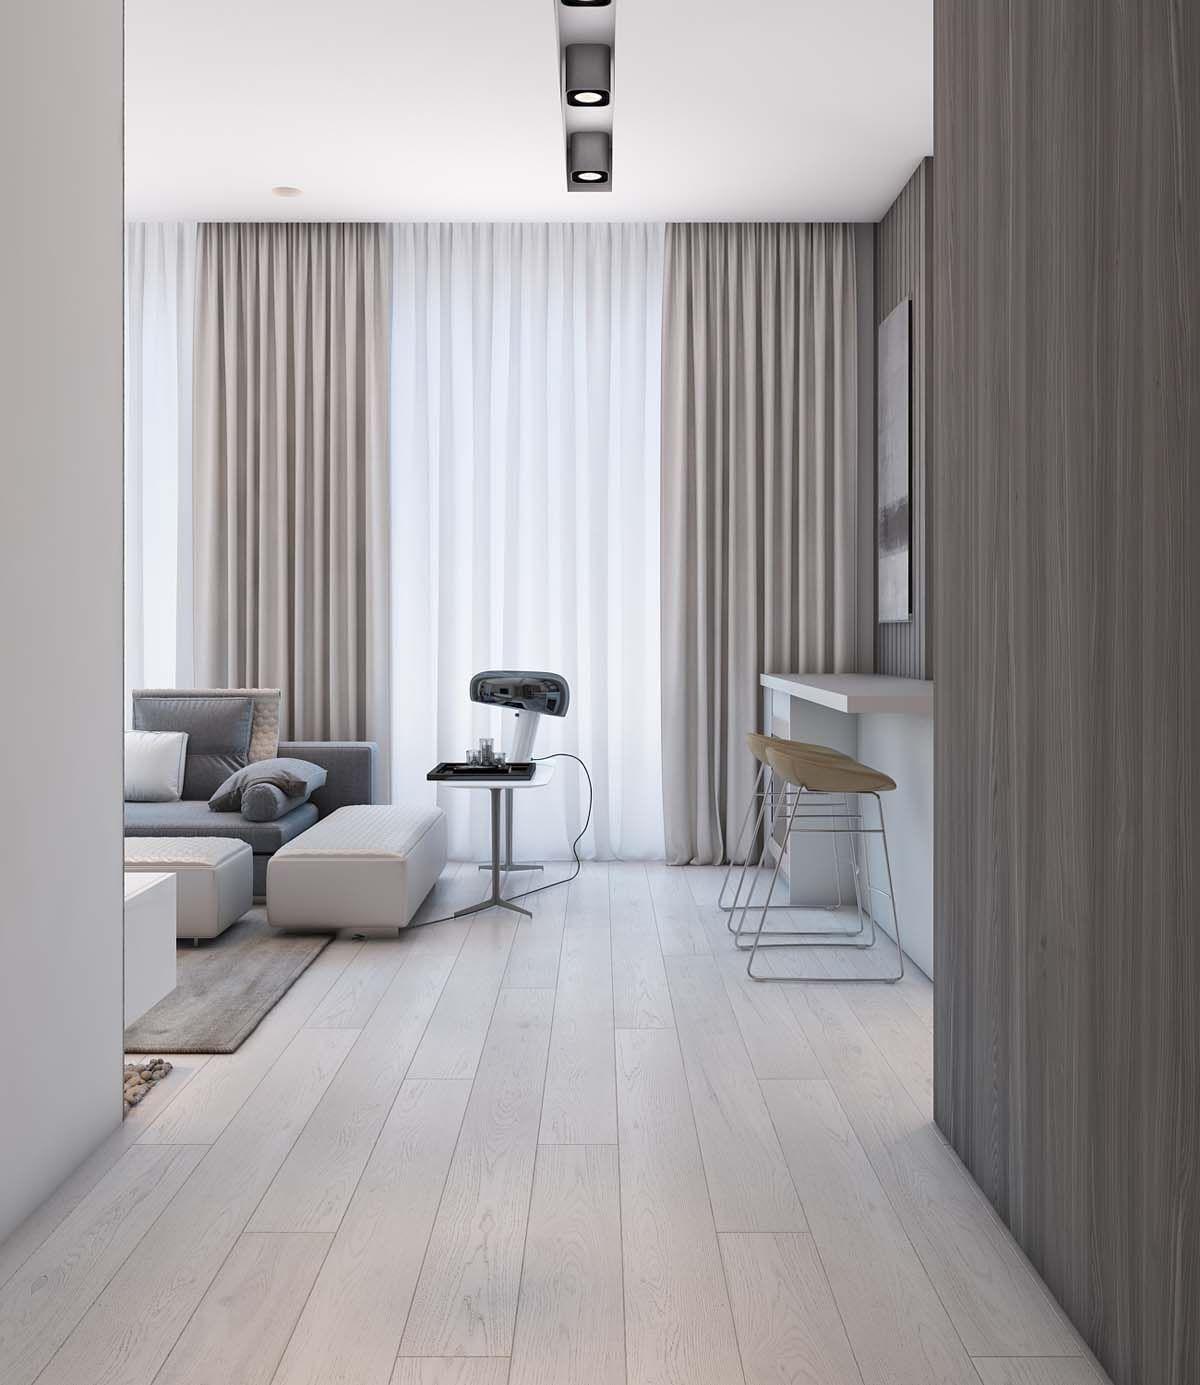 Tende Sala E Cucina tende moderne o classiche? ecco quella che fa per voi - my